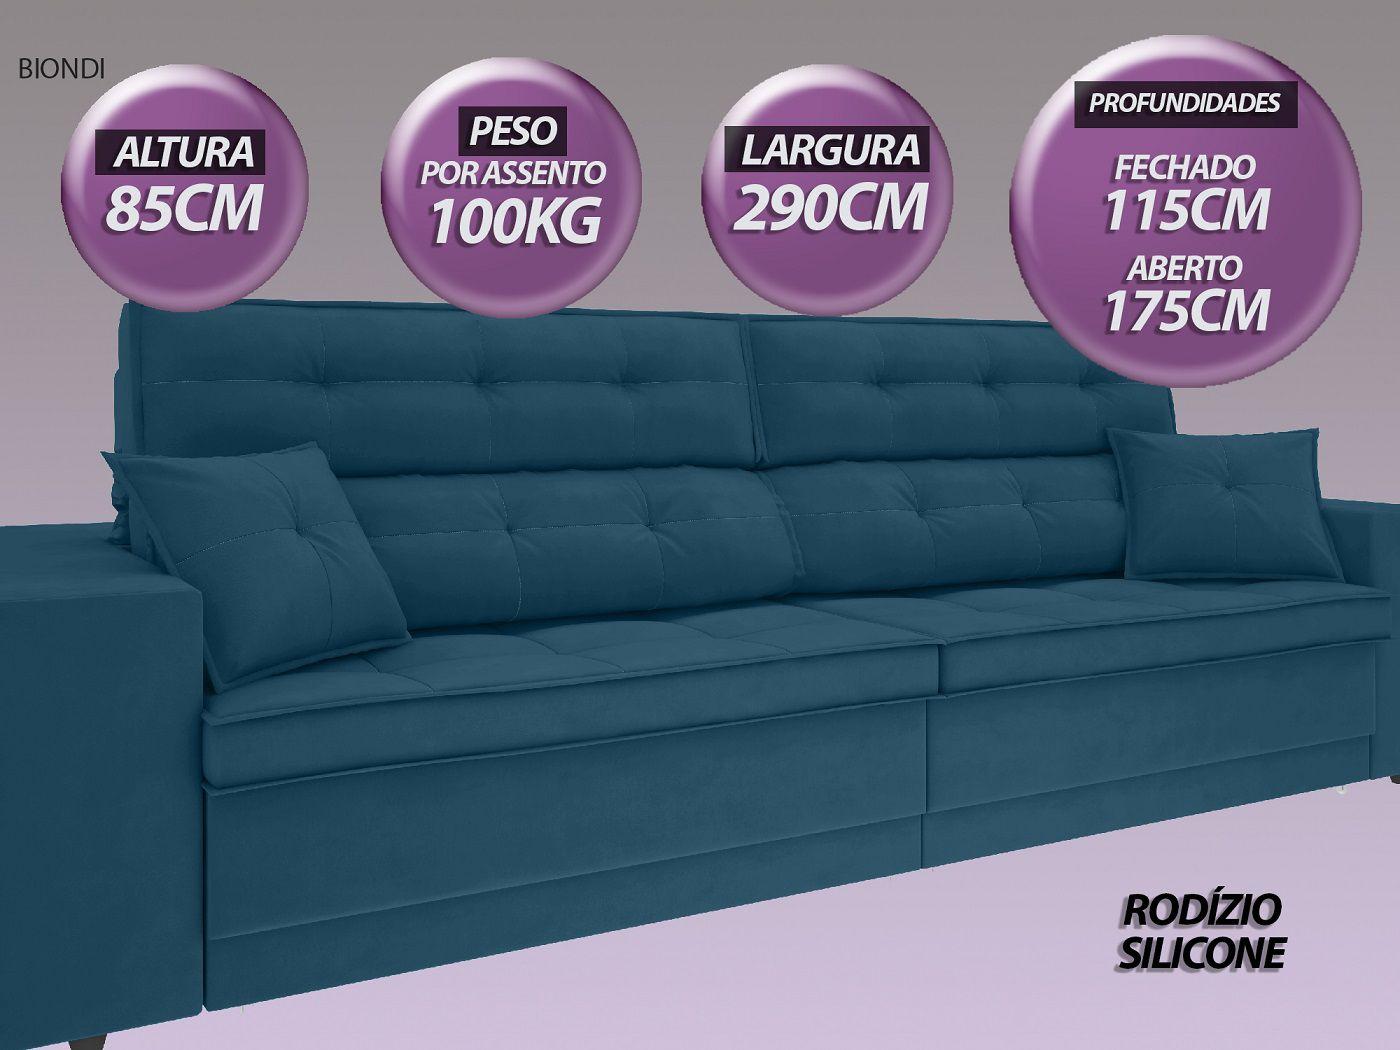 Sofá New Biondi 2,90m Retrátil e Reclinável Velosuede Royal  - NETSOFAS  - NETSOFÁS